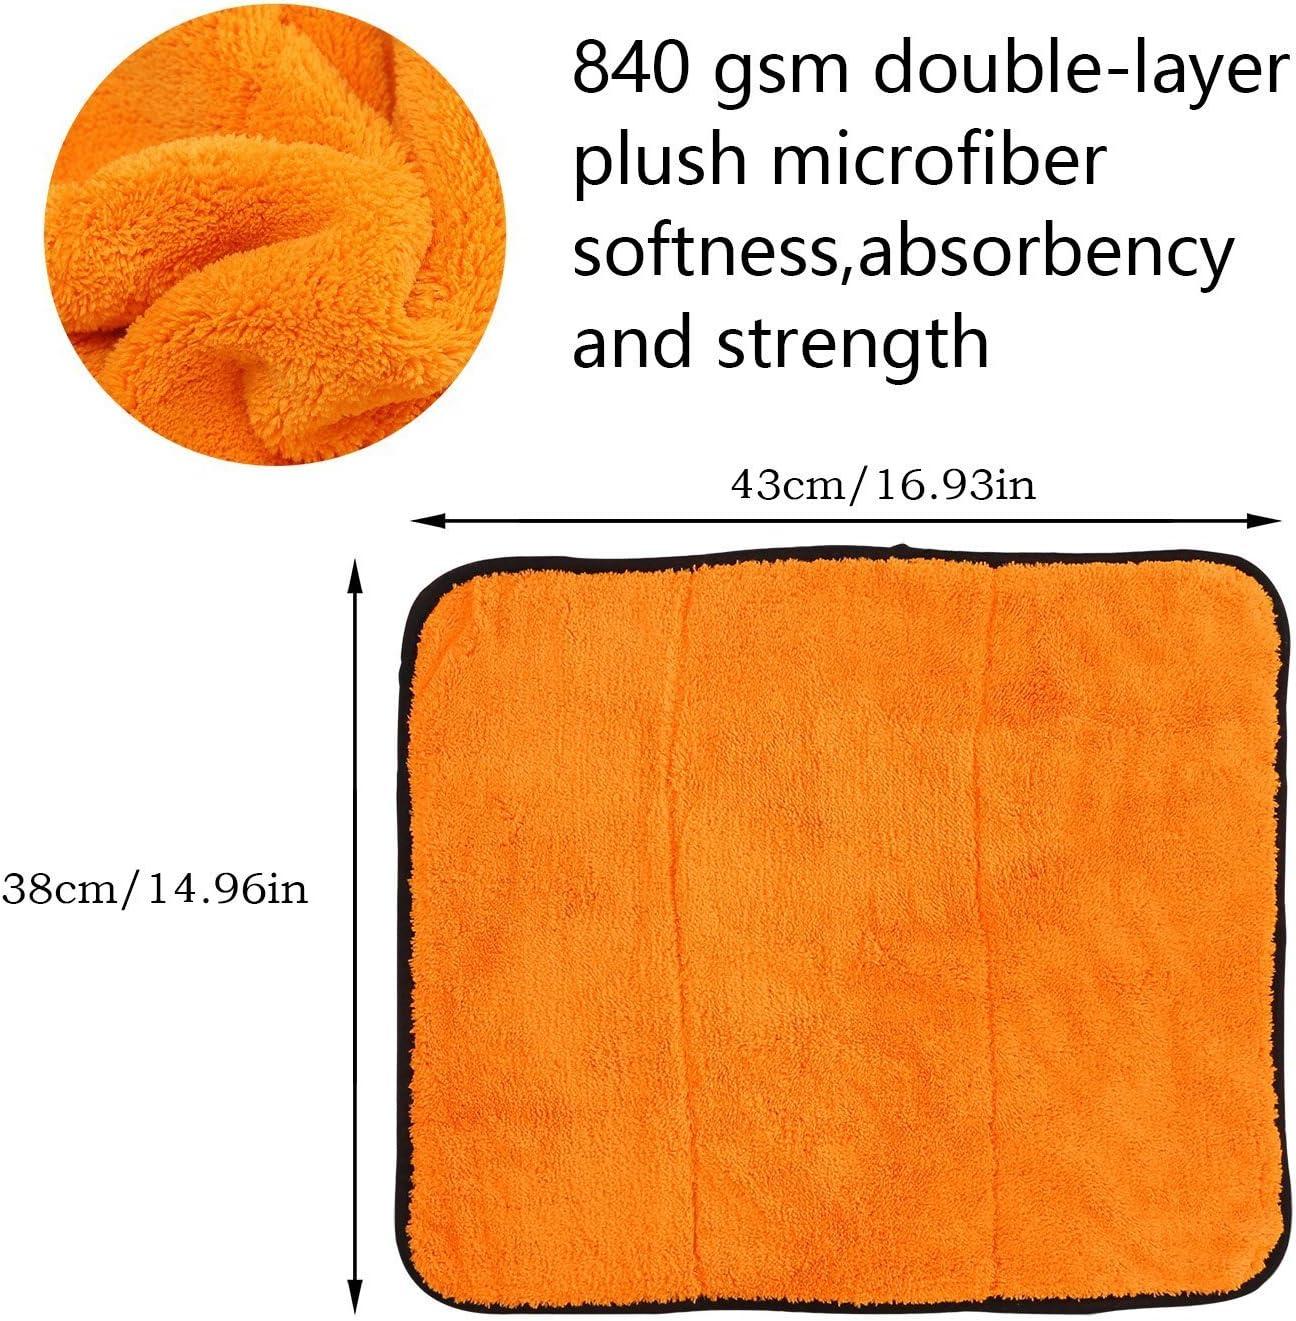 GREFIC Bayeta de Limpieza de Microfibra 840 gsm Doble Capa de Pulido Secado Cera Detailing Pa/ños para Cocina y Coche Limpieza 2 Unidades 38 x 43 cm